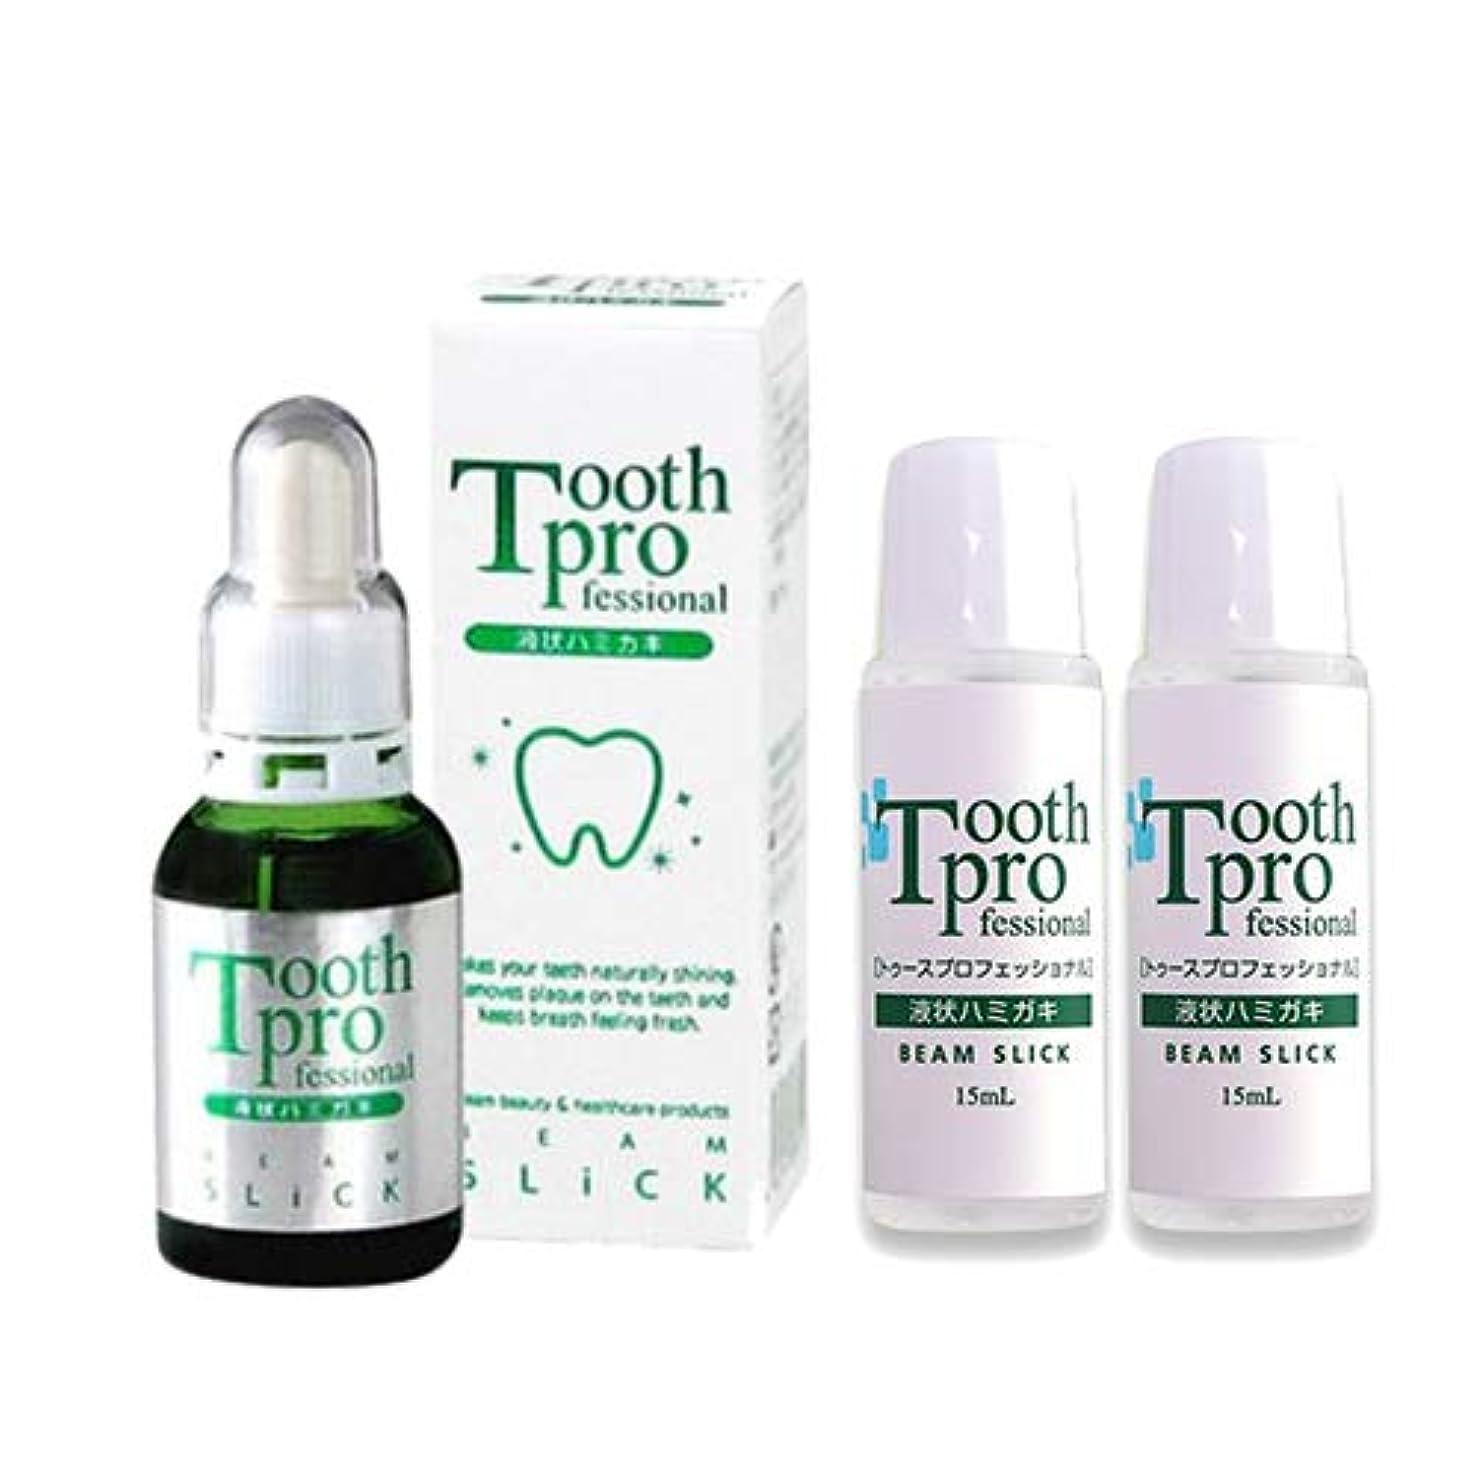 マイクロバイオレットフレアビームスリック トゥースプロフェッショナル(BEAM SLICK Tooth professional) 20mL×1個 + 15ml×2個(合計3点 50mL)セット